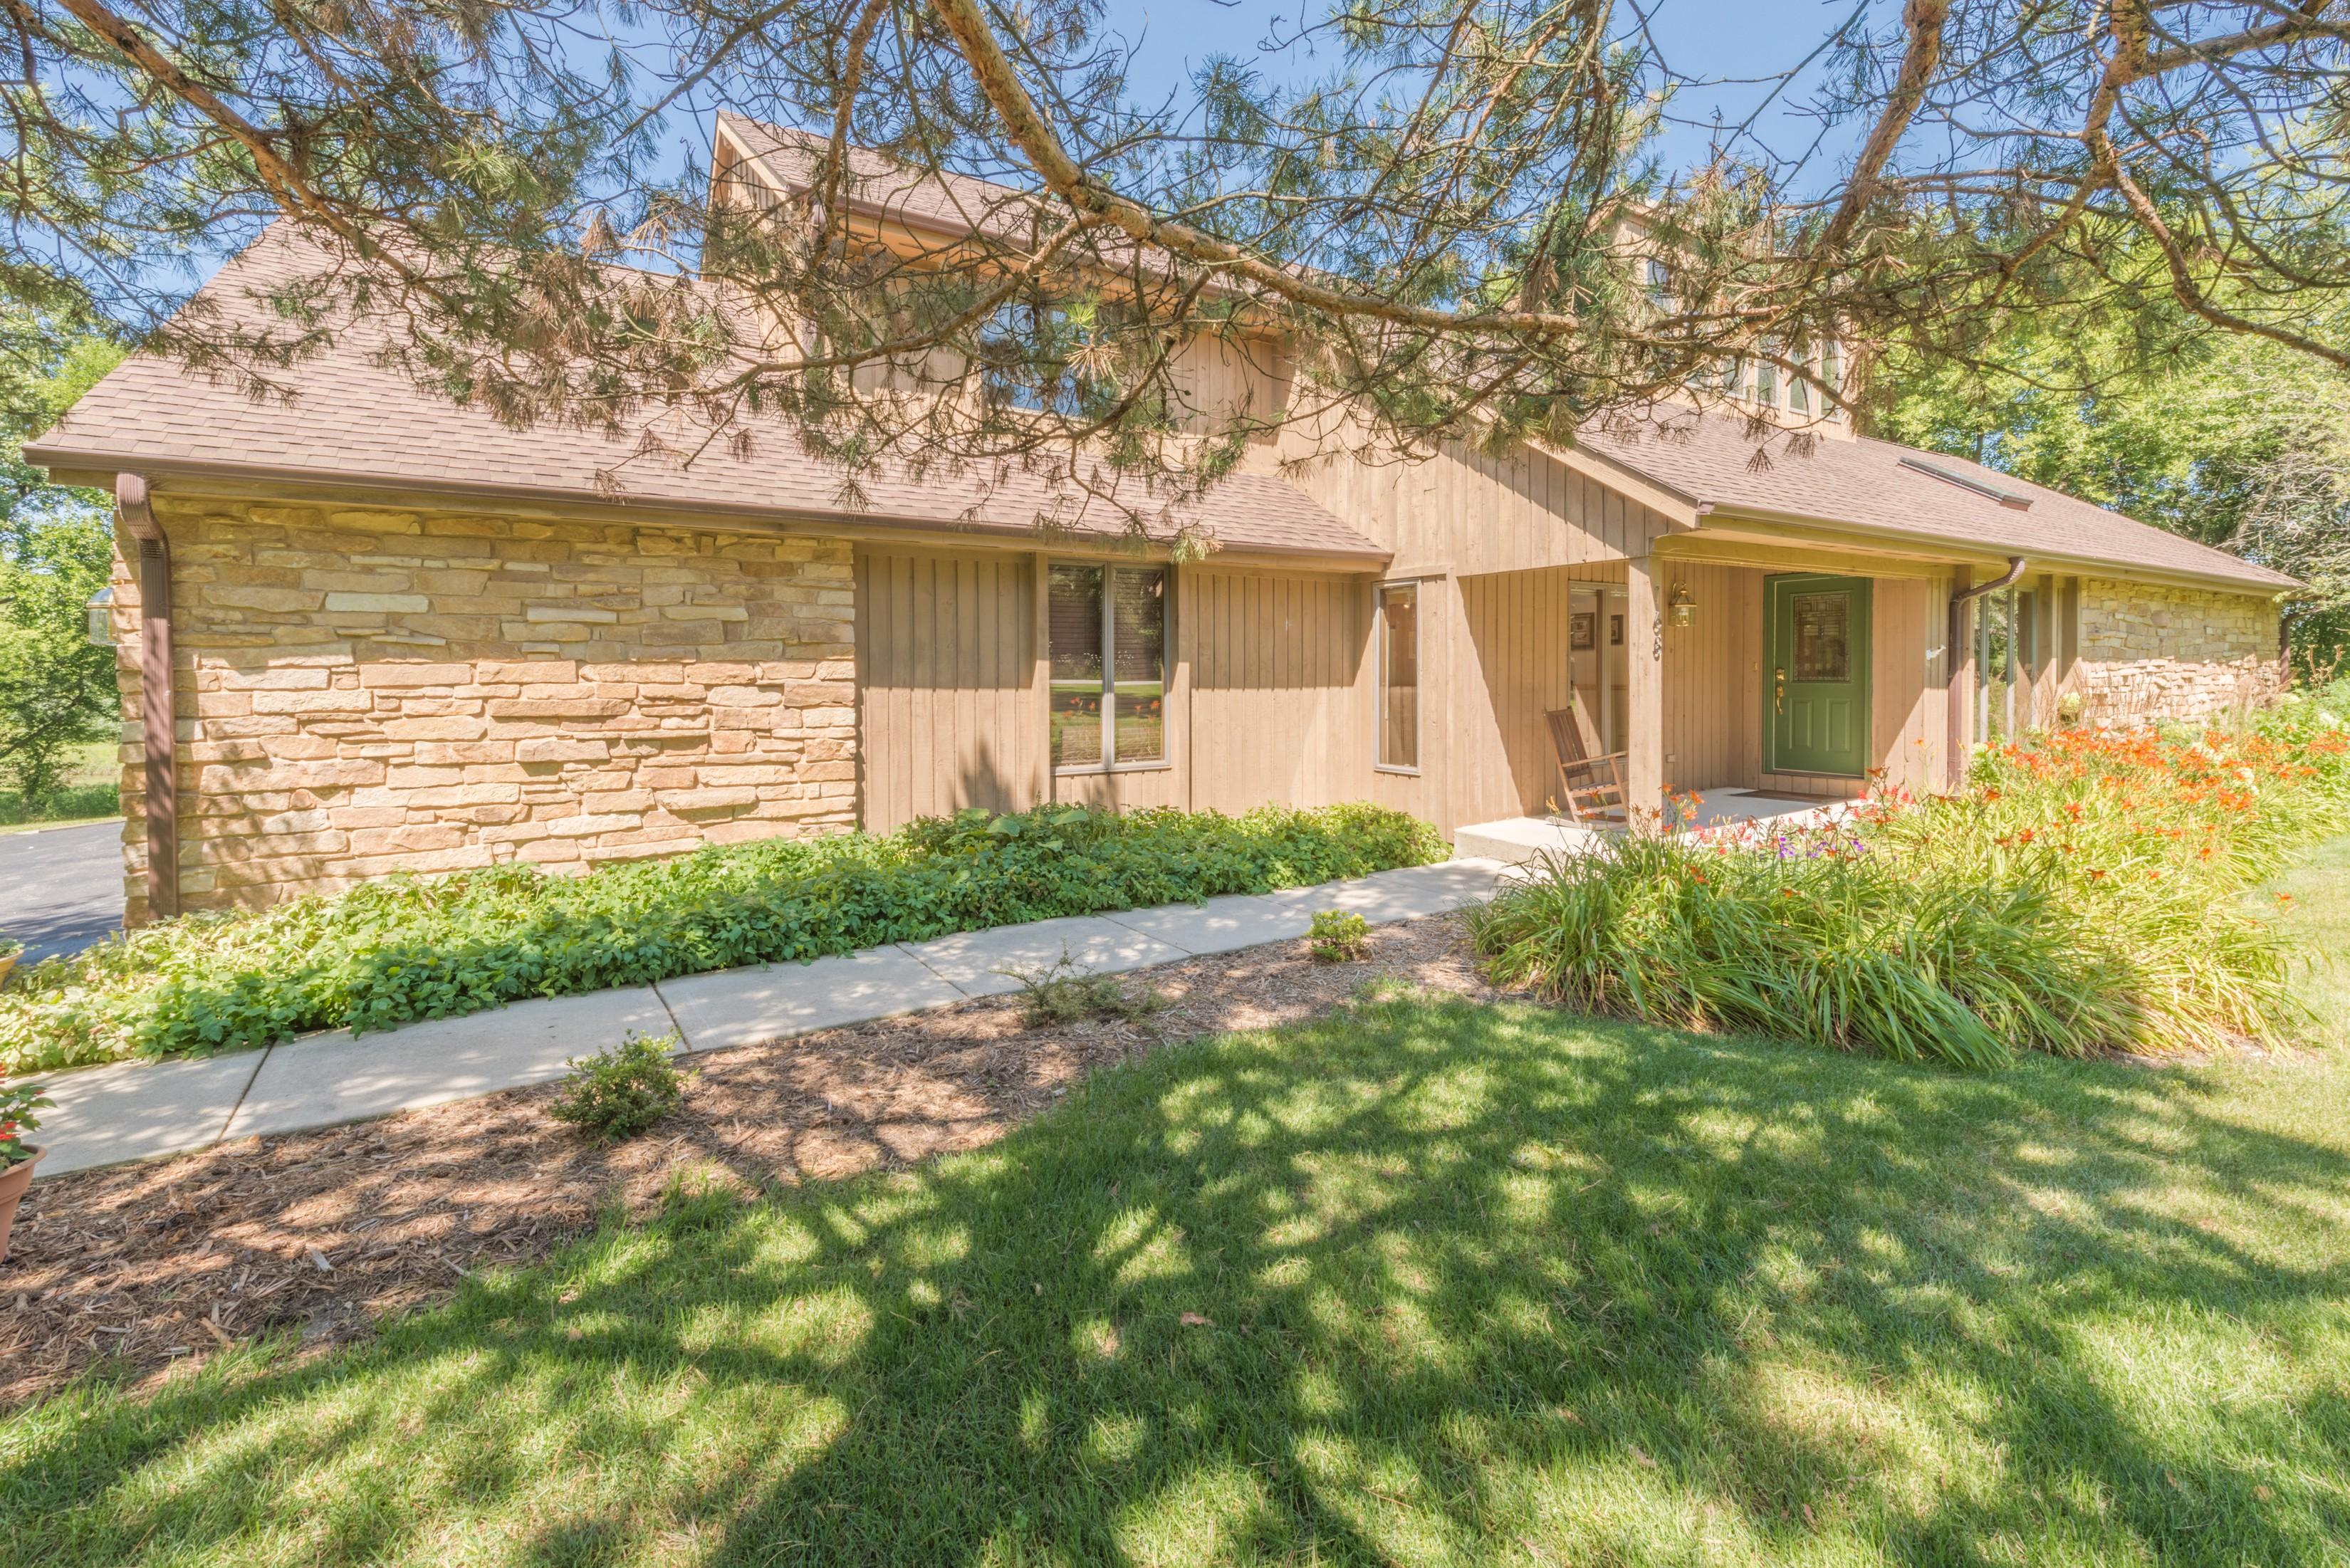 Частный односемейный дом для того Продажа на Classic Contemporary 168 N Buckley Road Barrington Hills, Иллинойс, 60010 Соединенные Штаты